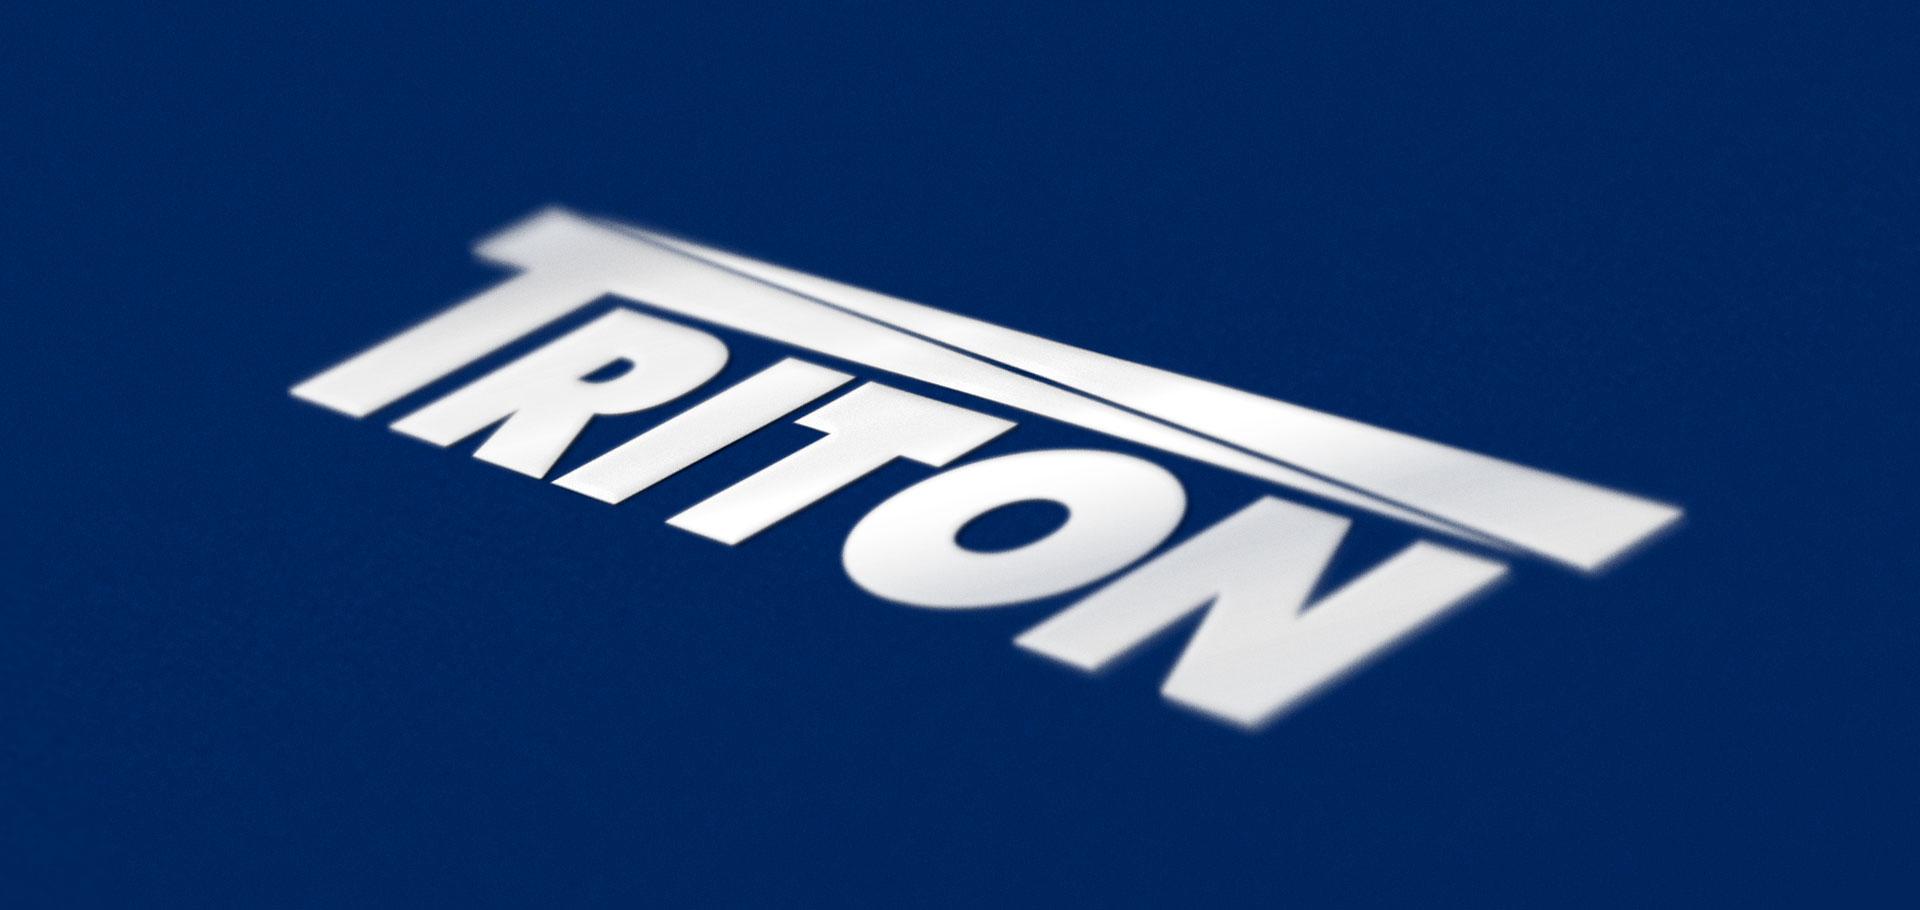 Triton-brand_01